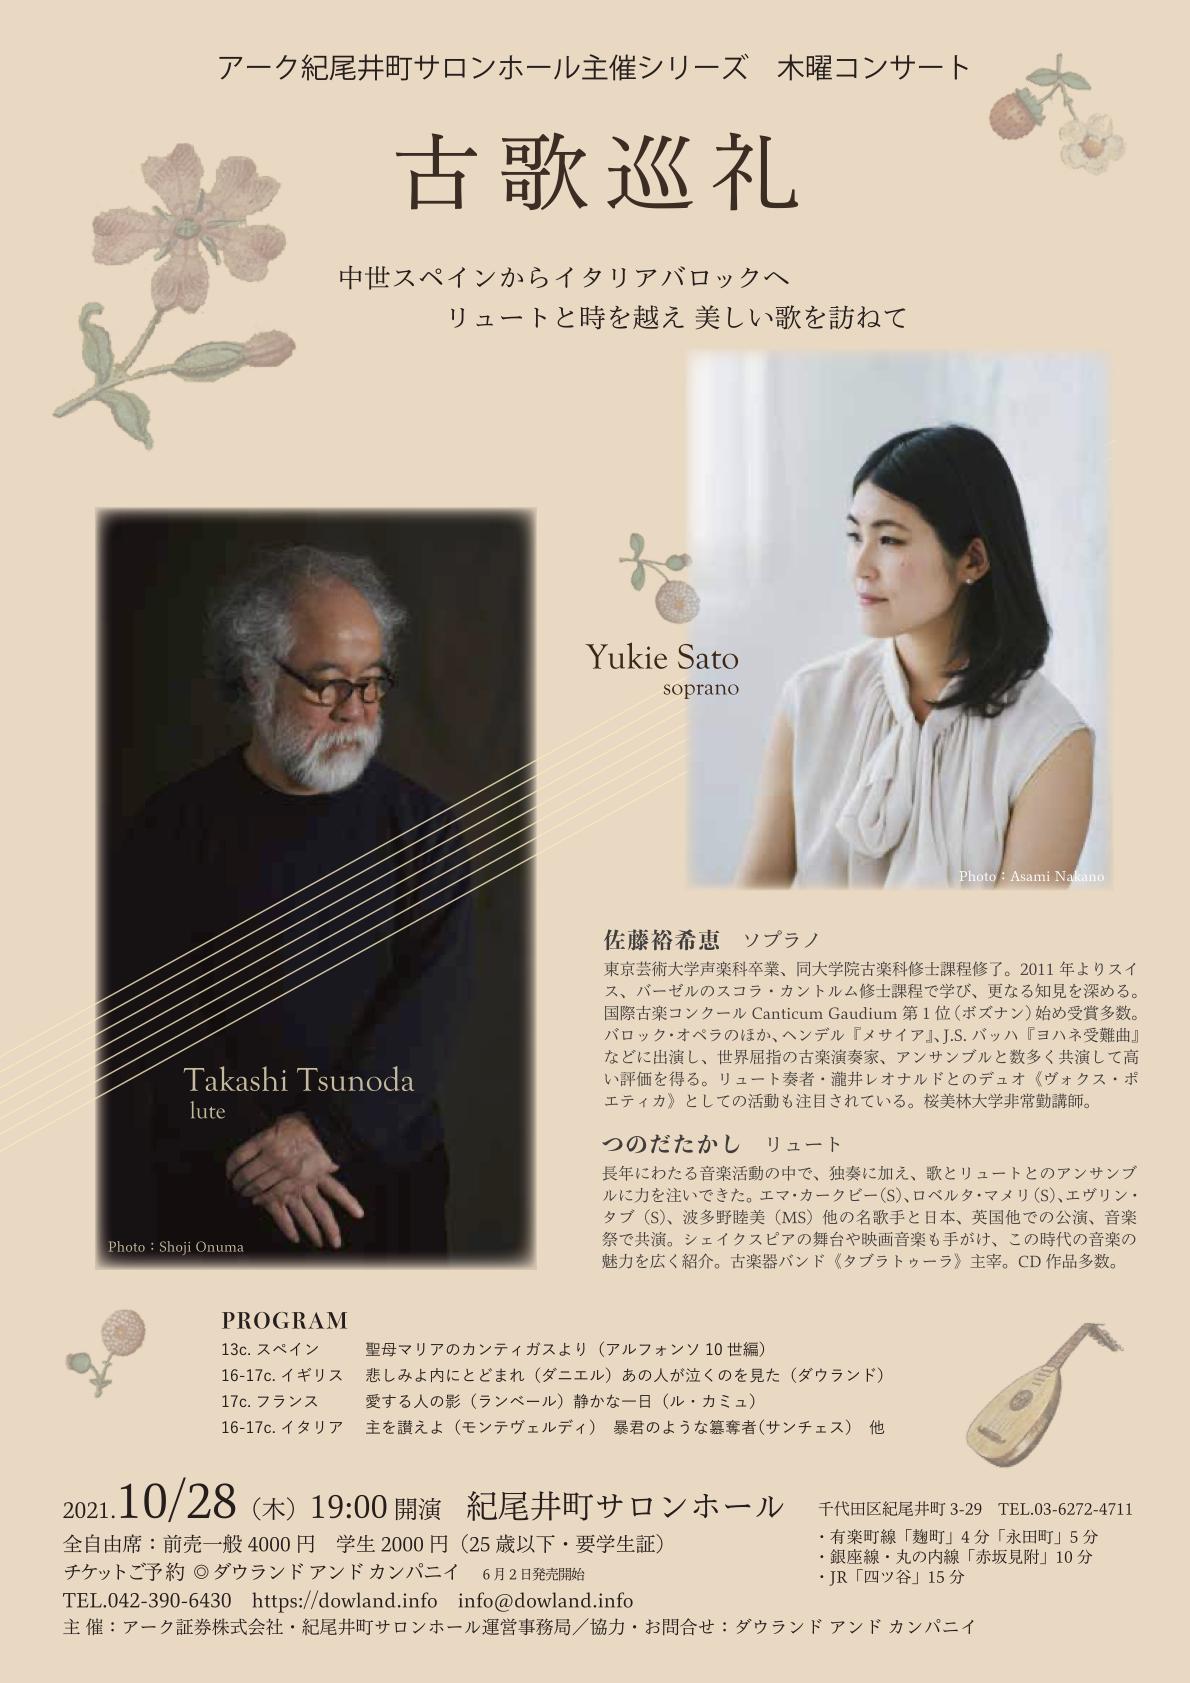 佐藤裕希恵・つのだたかし「古歌巡礼」チケット発売開始